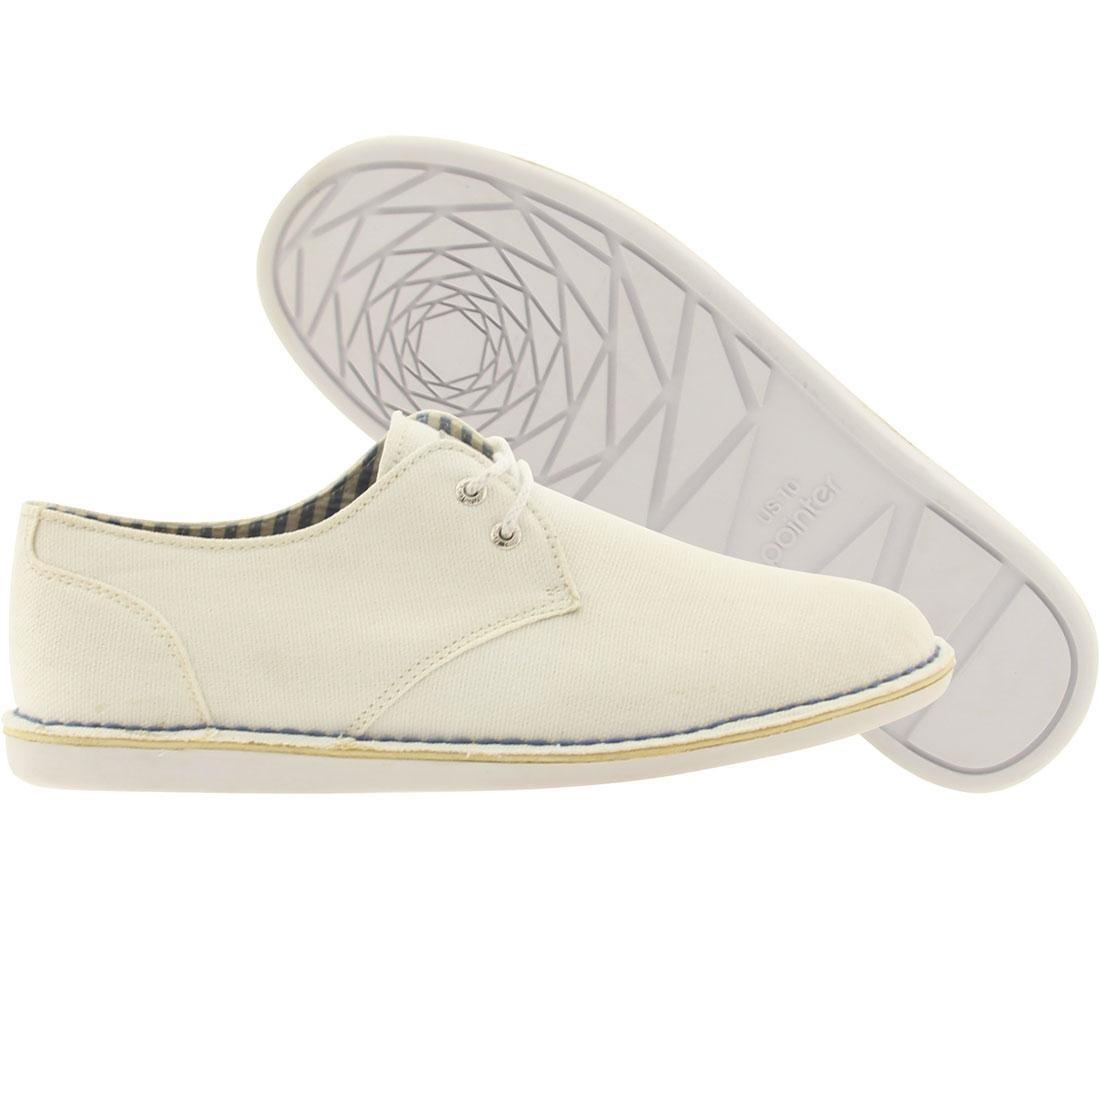 【海外限定】メンズ靴 スニーカー 【 POINTER CRAGO WHITE CANVAS 】